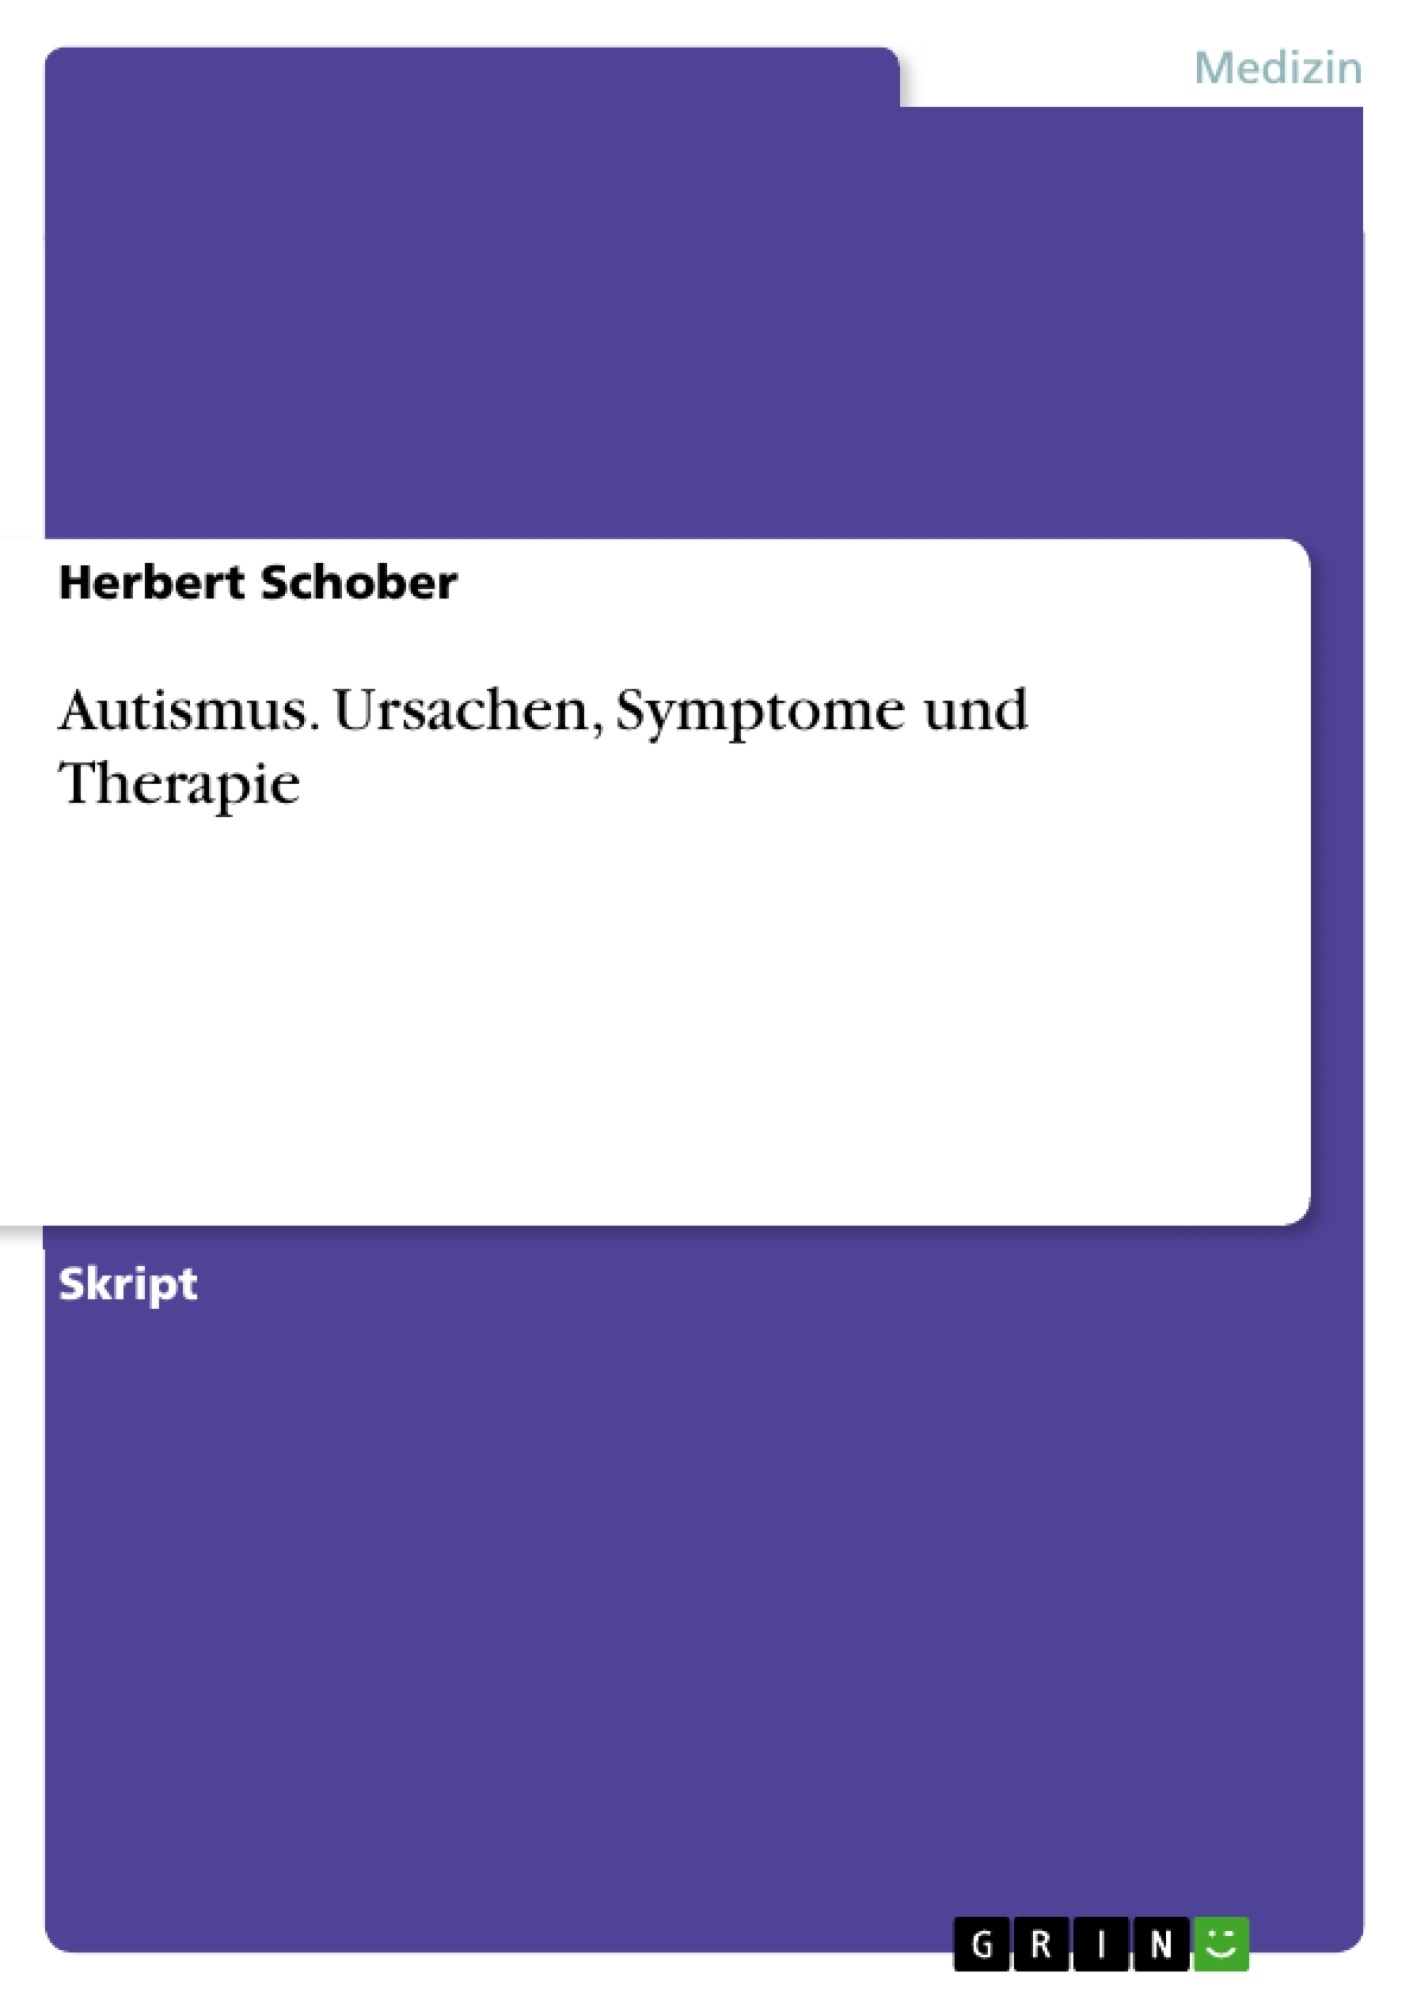 Titel: Autismus. Ursachen, Symptome und Therapie